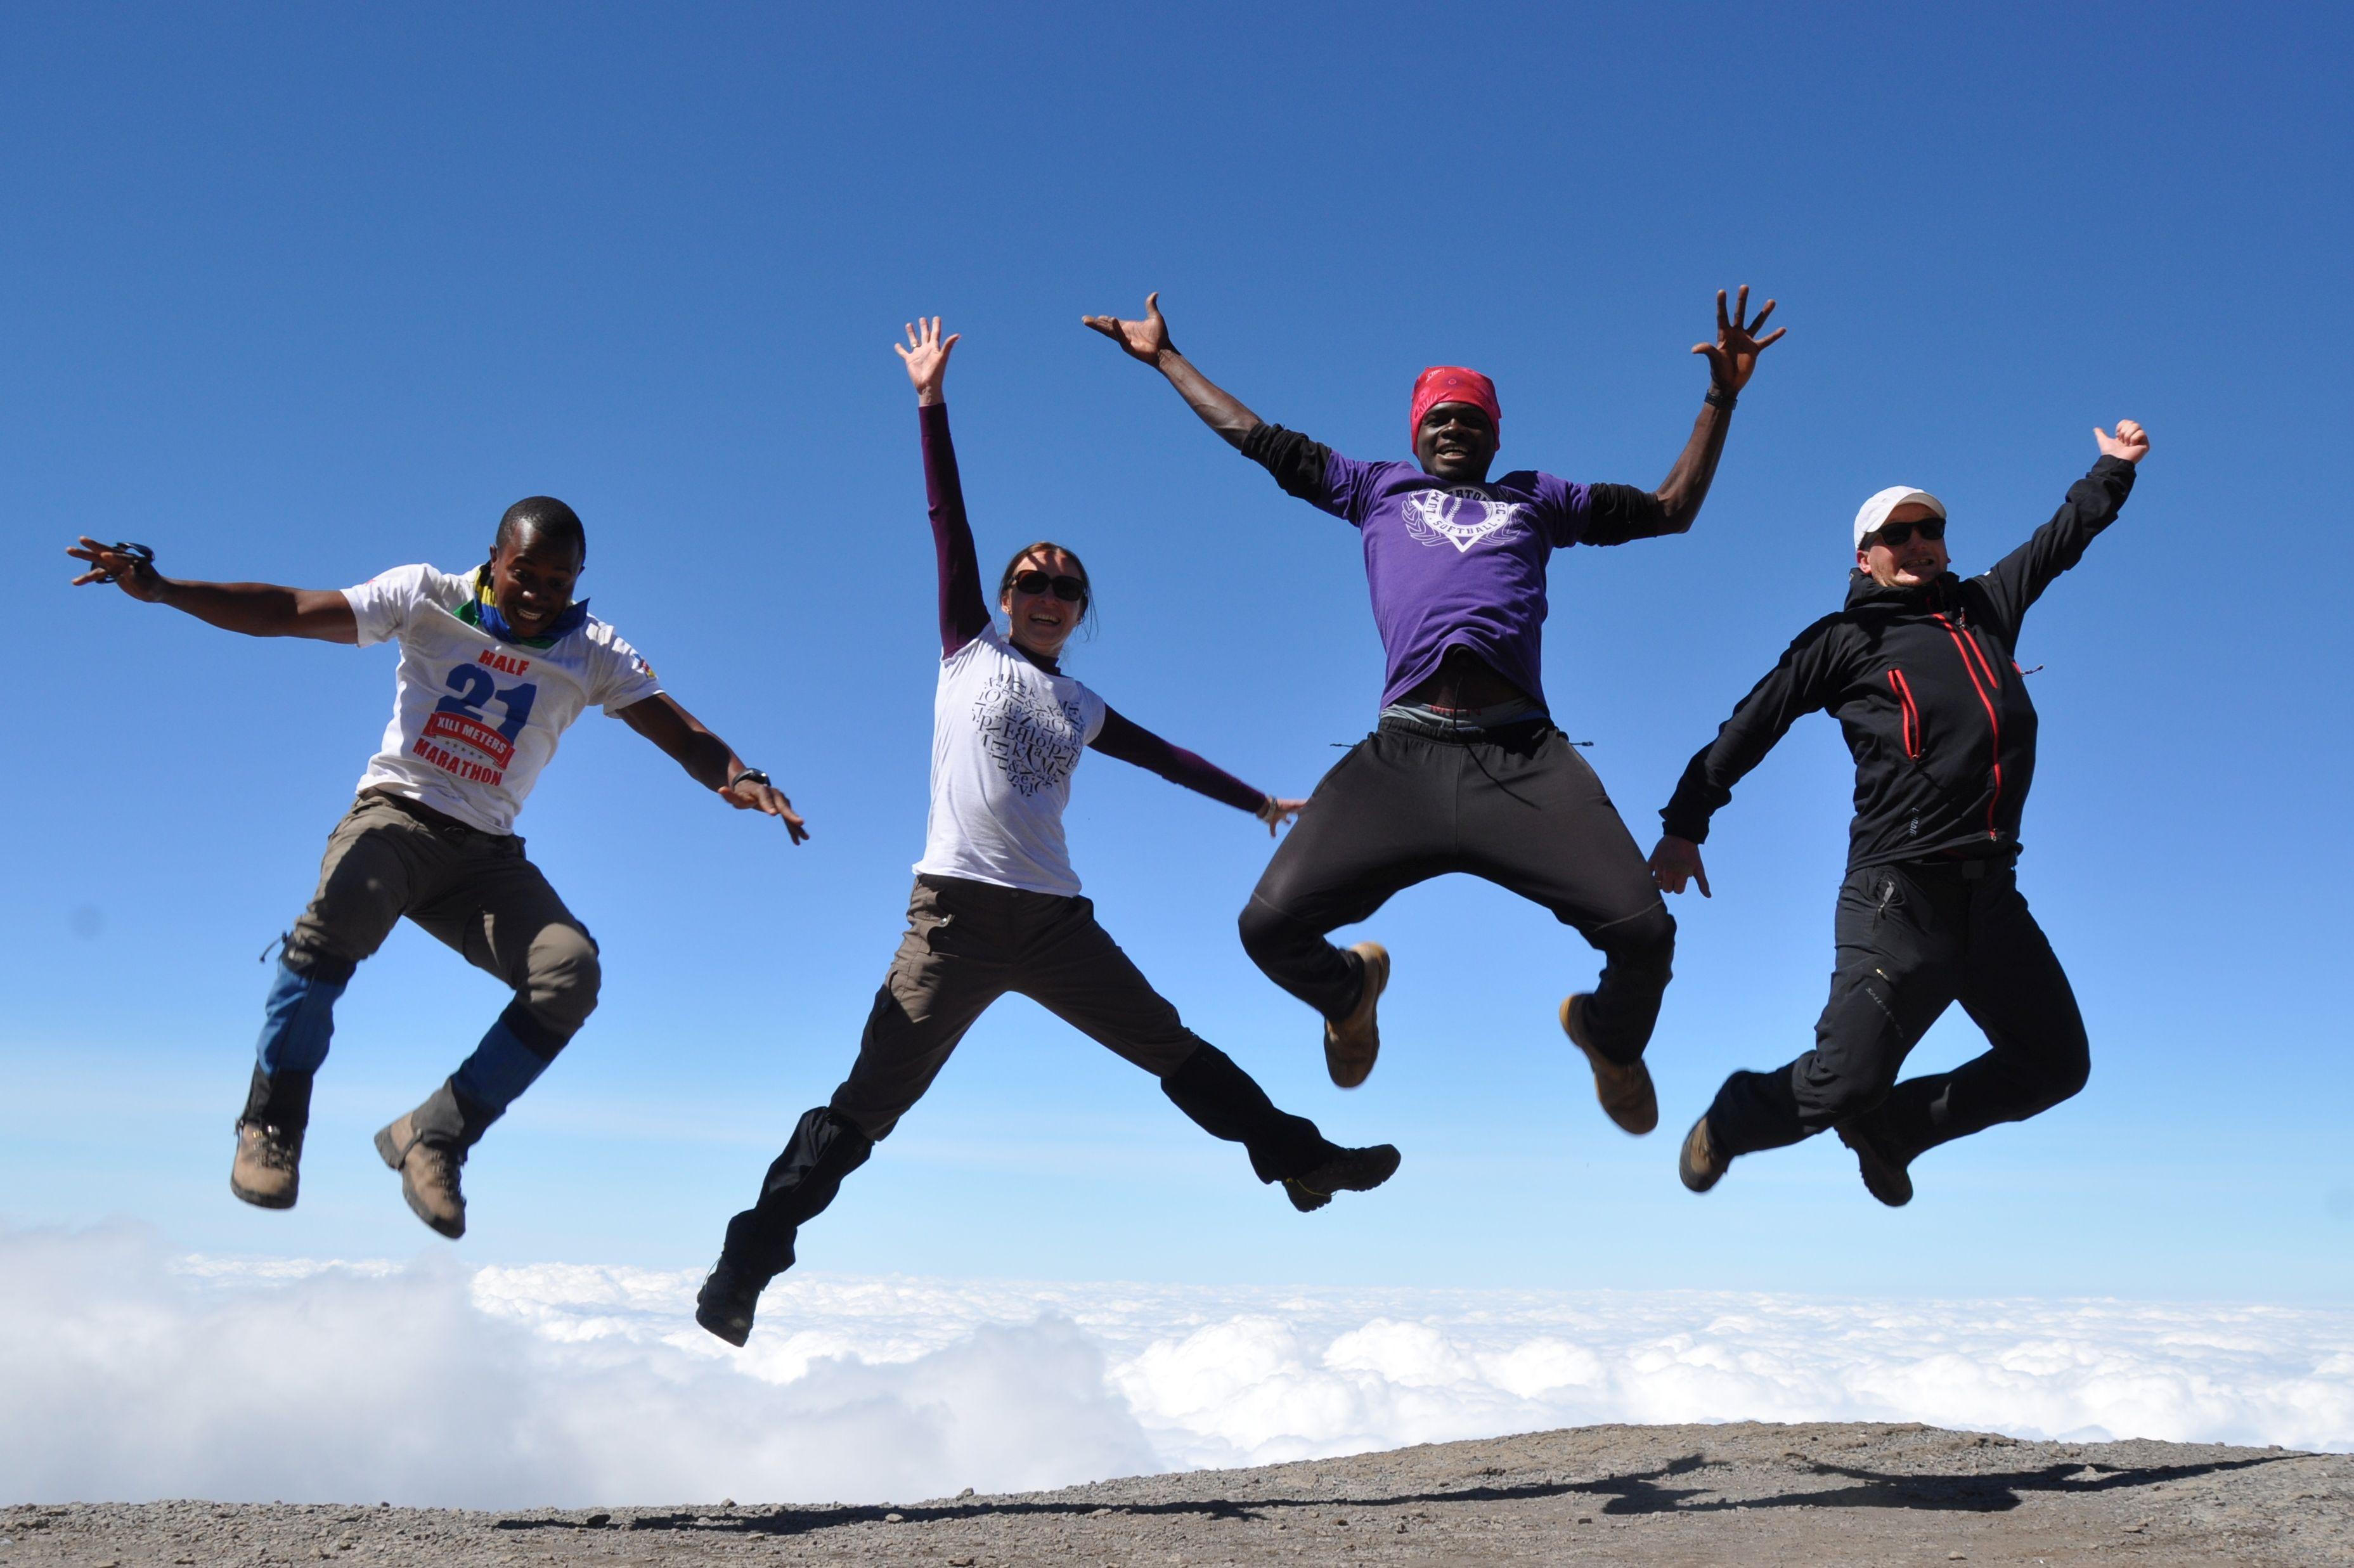 Climbing Kilimanjaro -- With Safari Heroes